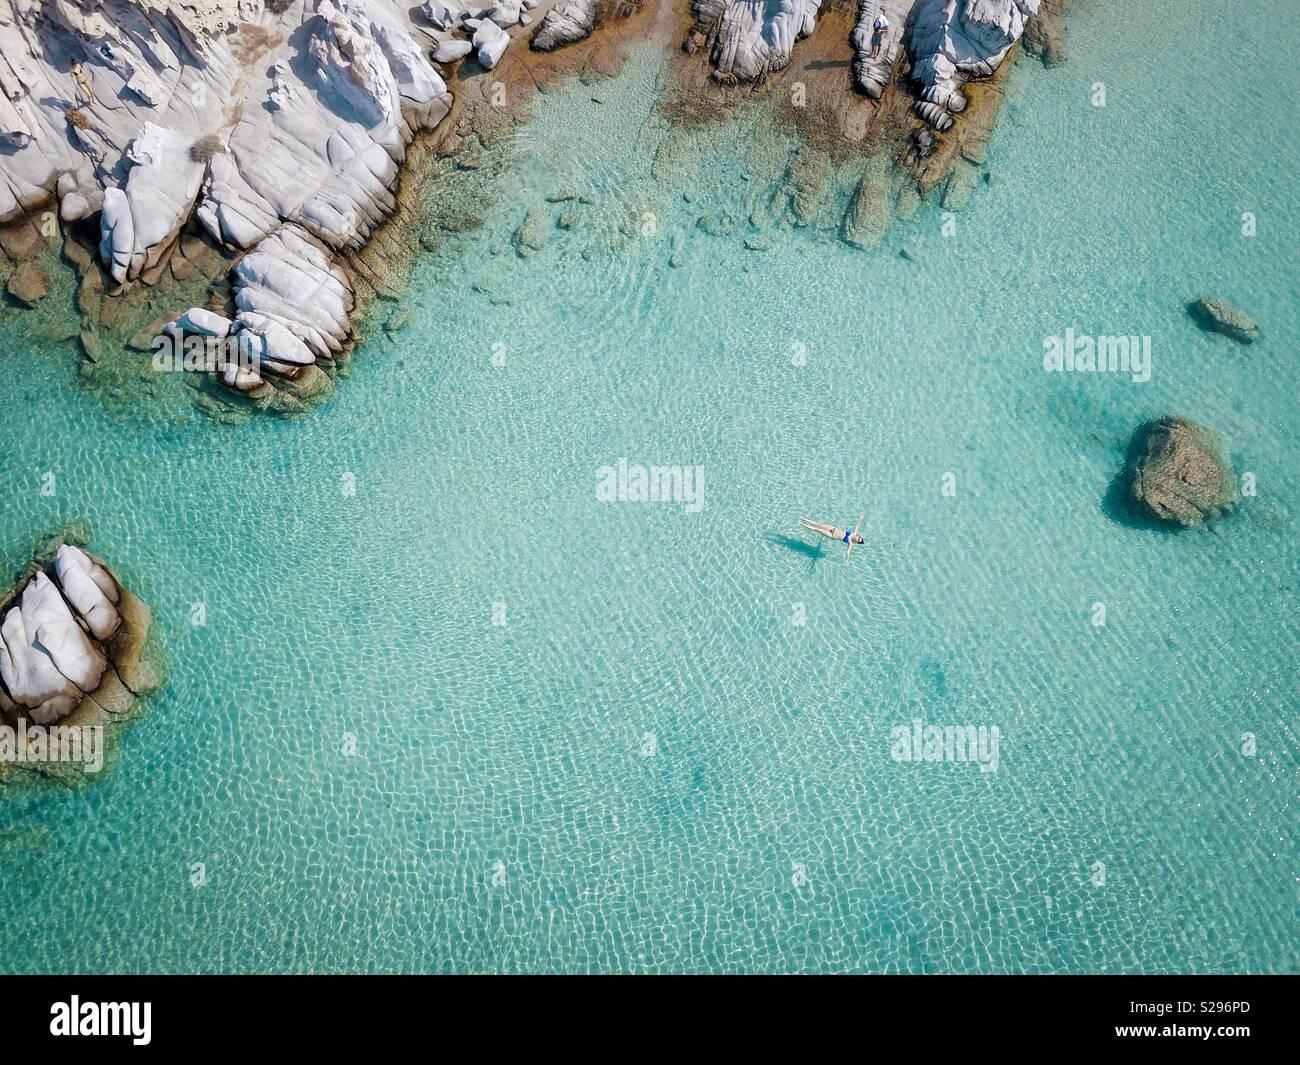 Ragazza galleggia sull'acqua Immagini Stock